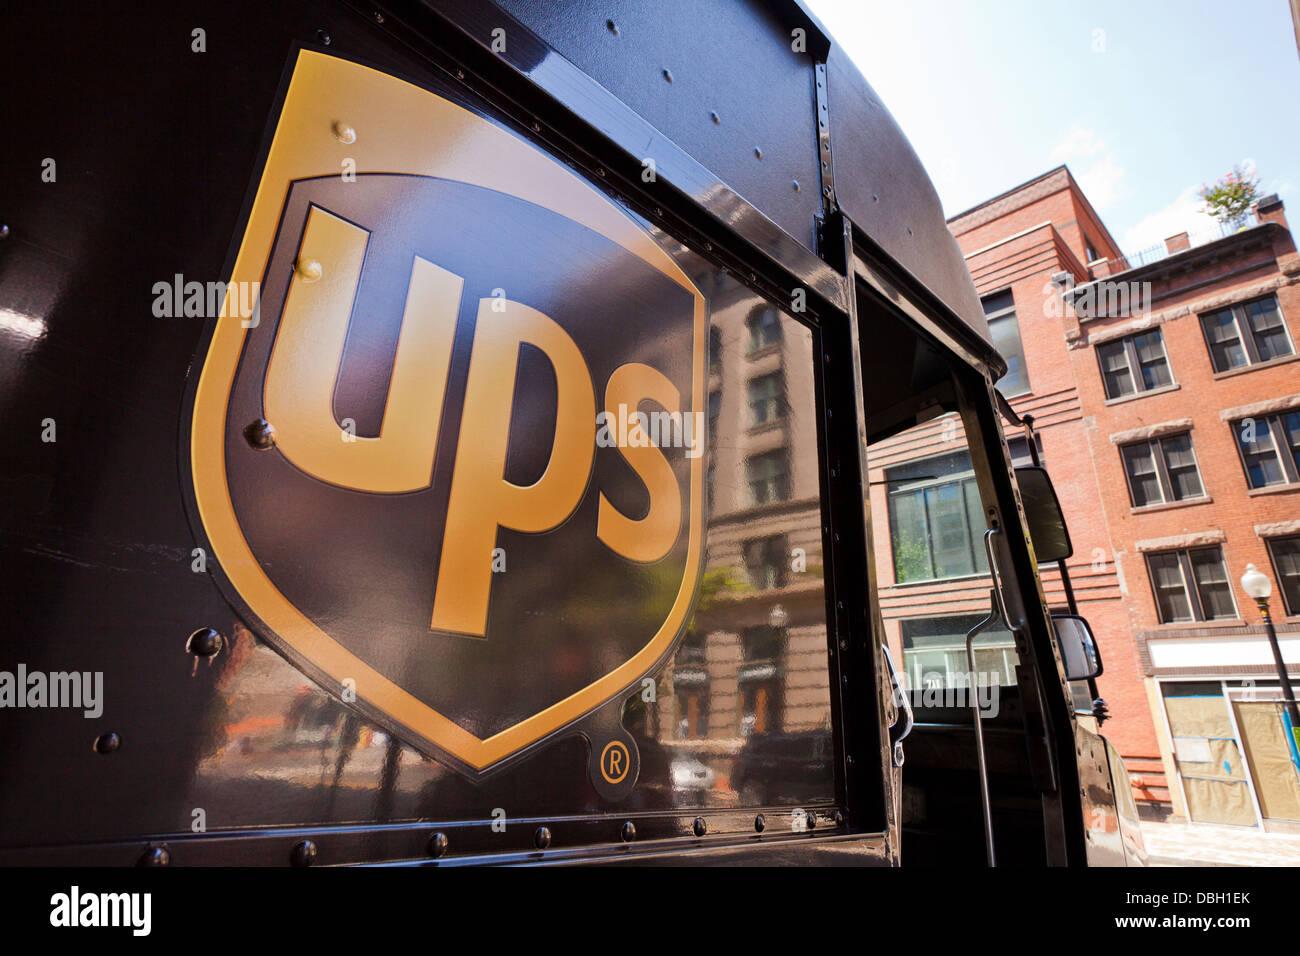 UPS-Logo auf Lieferwagen - USA Stockbild